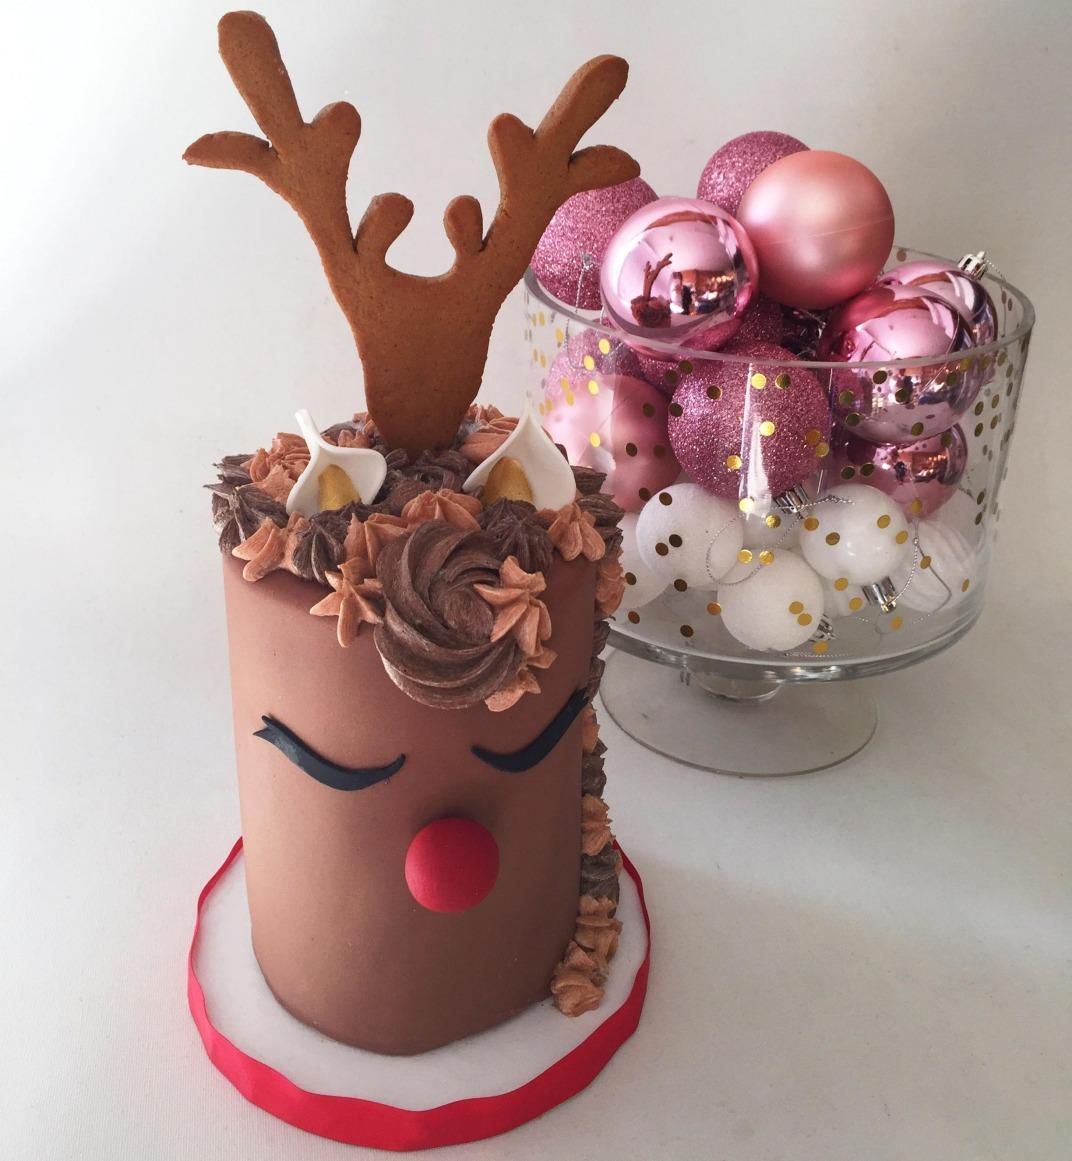 reindeer cakes